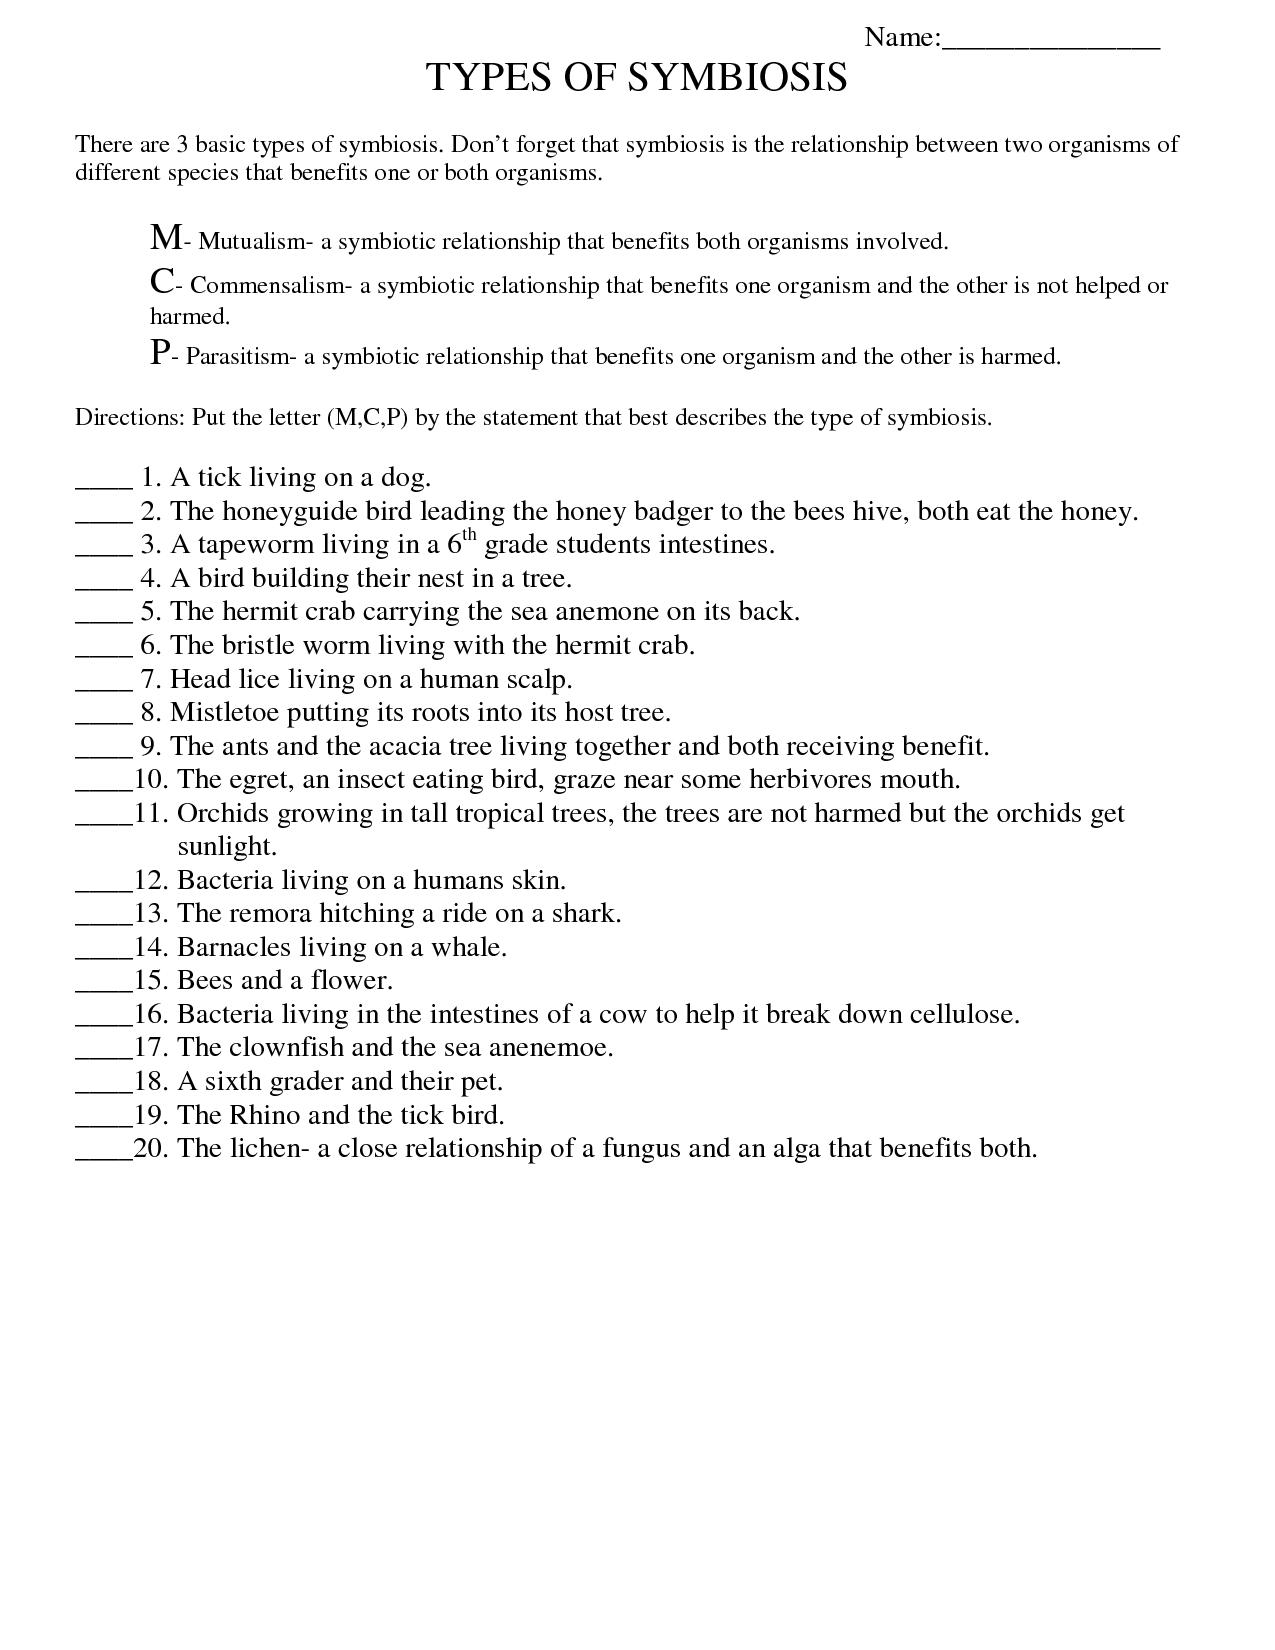 Symbiosis Worksheet: Free Printable Worksheets On High School Bio | Free Printable Worksheets For Highschool Students